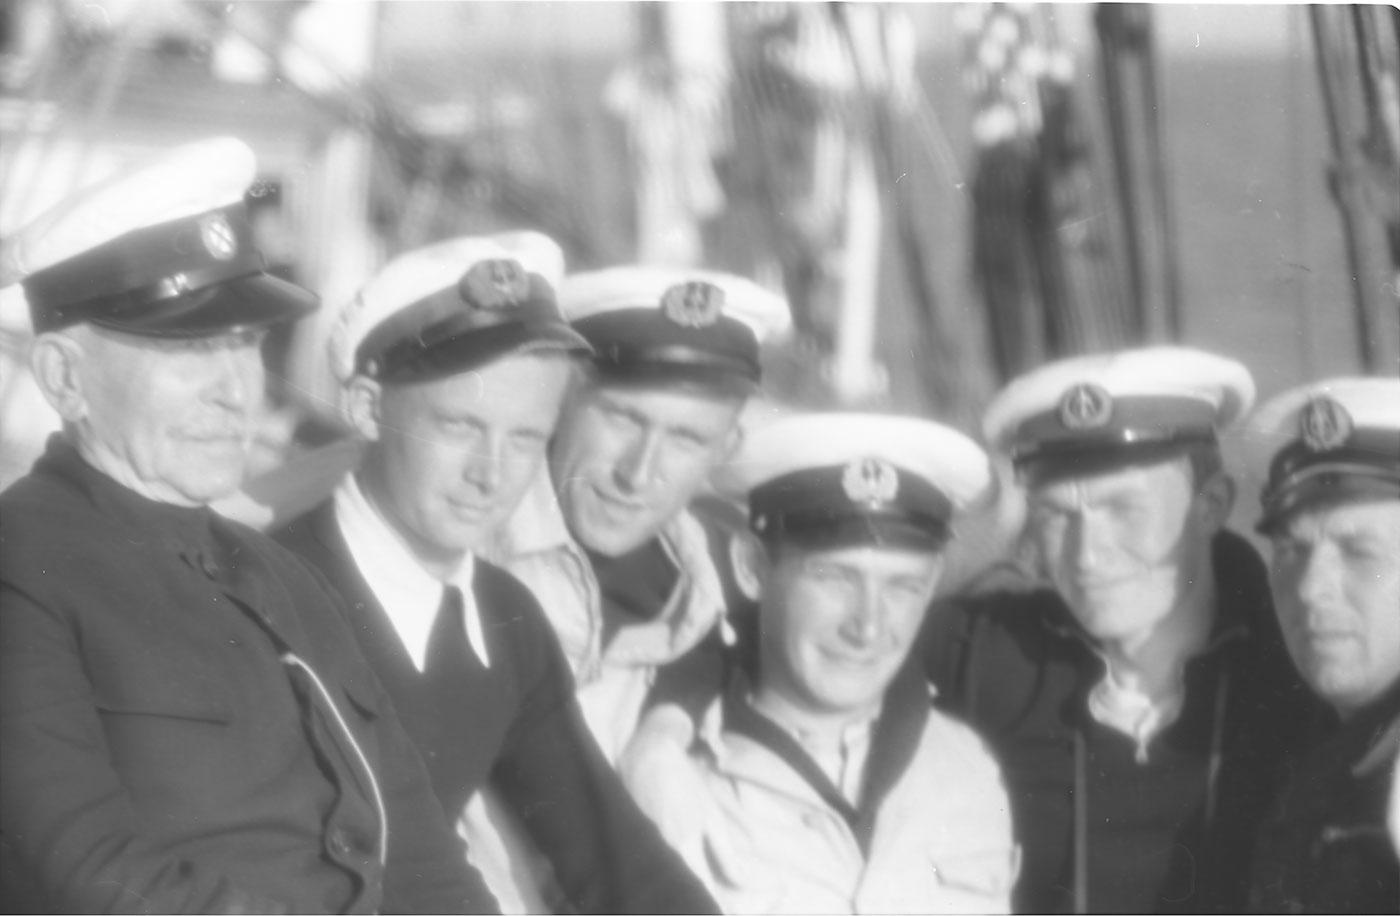 """Kapitan Mariusz Zaruski (pierwszy z lewej) z załogą żaglowca """"Zawisza Czarny"""". Fot. Florian Staszewski, 1936 rok, źródło: gdyniawsieci.pl"""